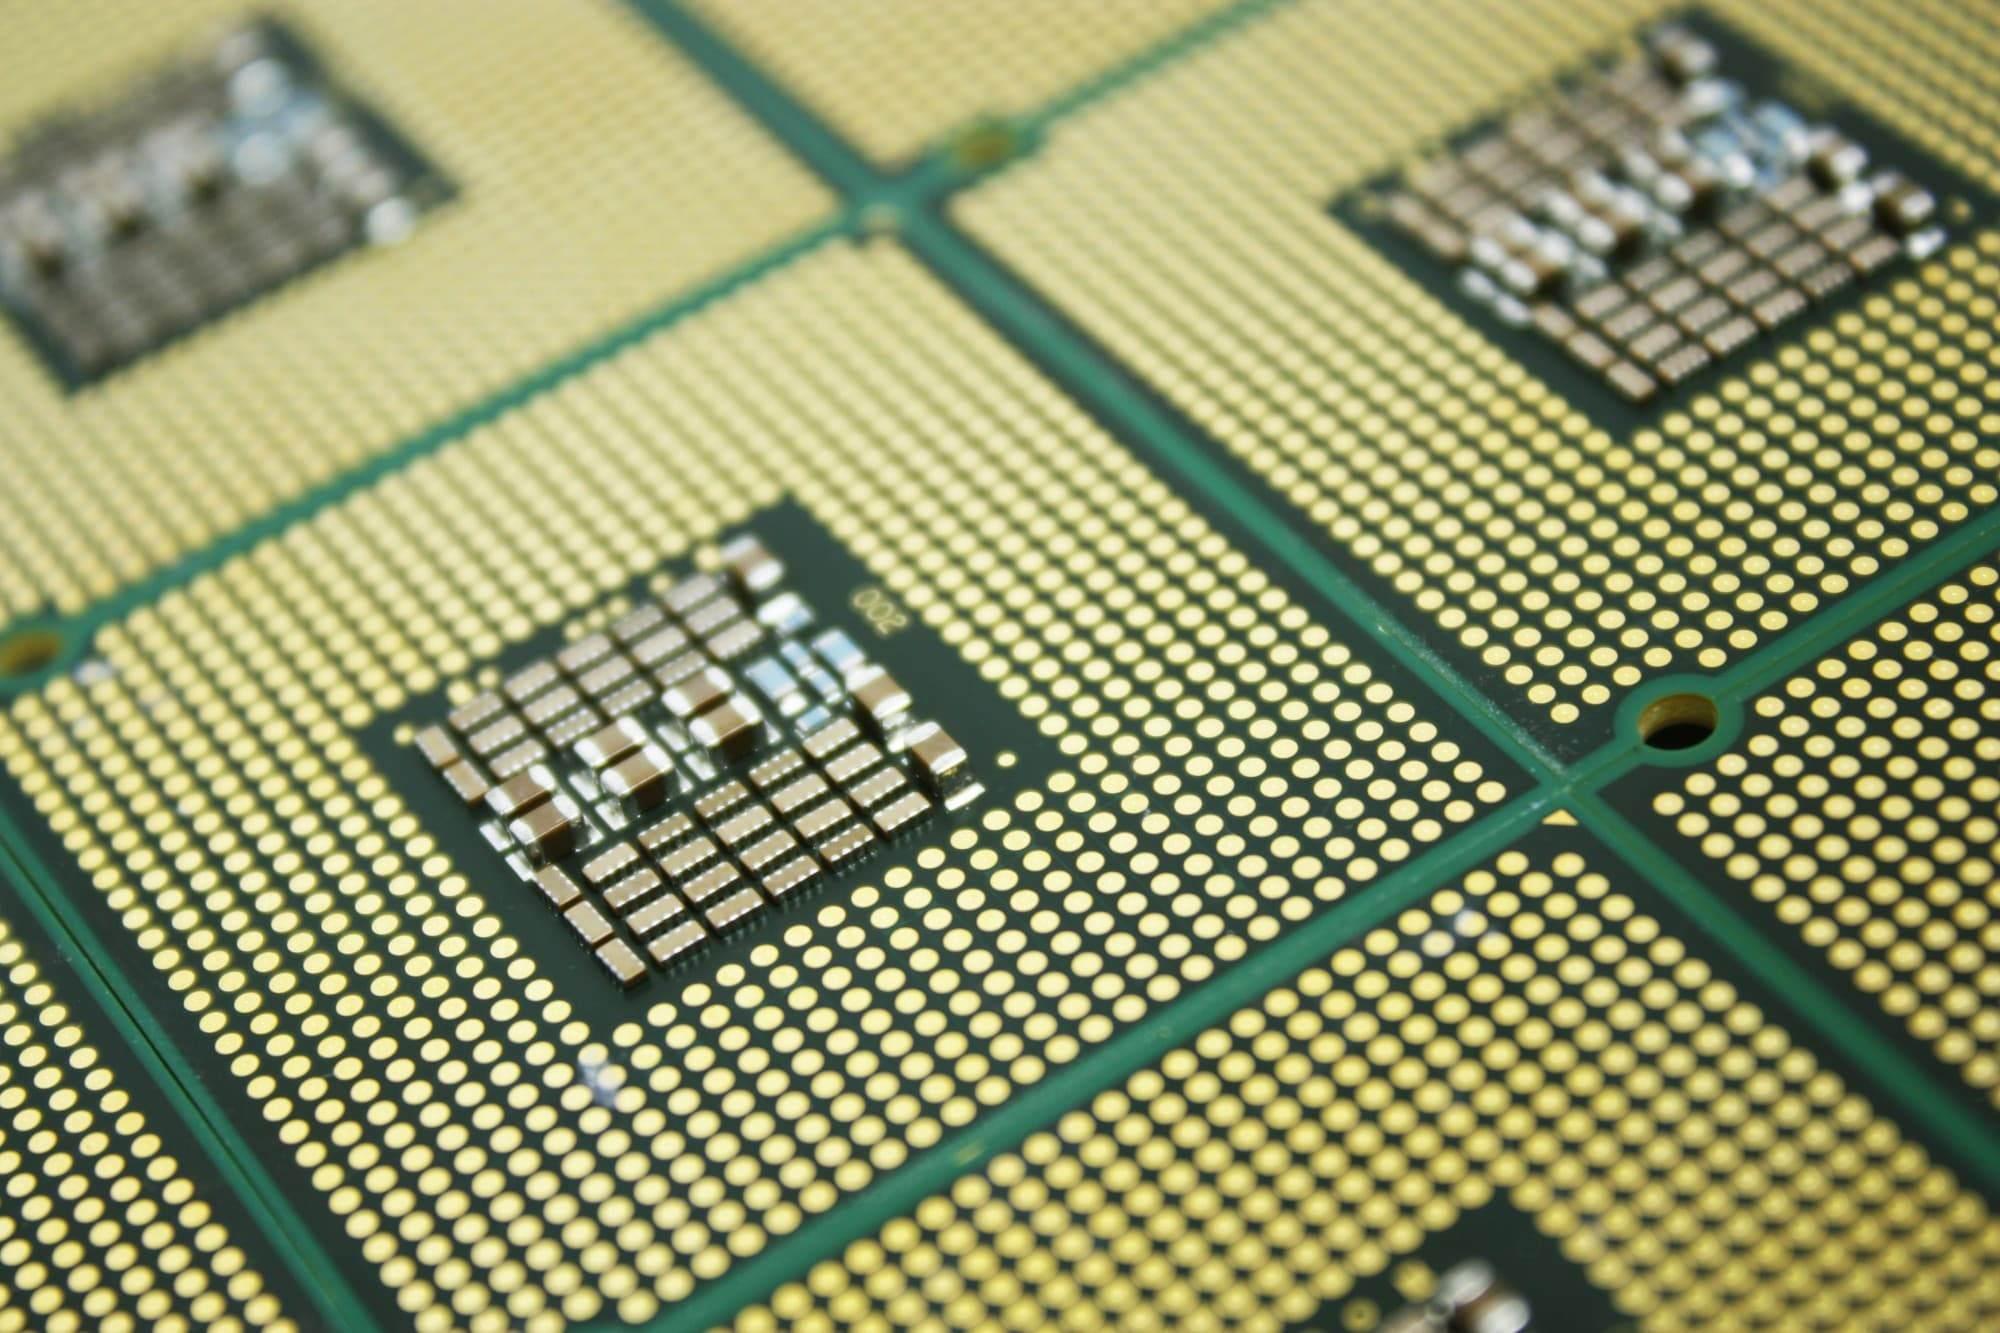 işlemci çekirdek sayısı nedir, çekirdek sayısı nasıl öğrenilir, işlemci çekirdek sayısı arttırma